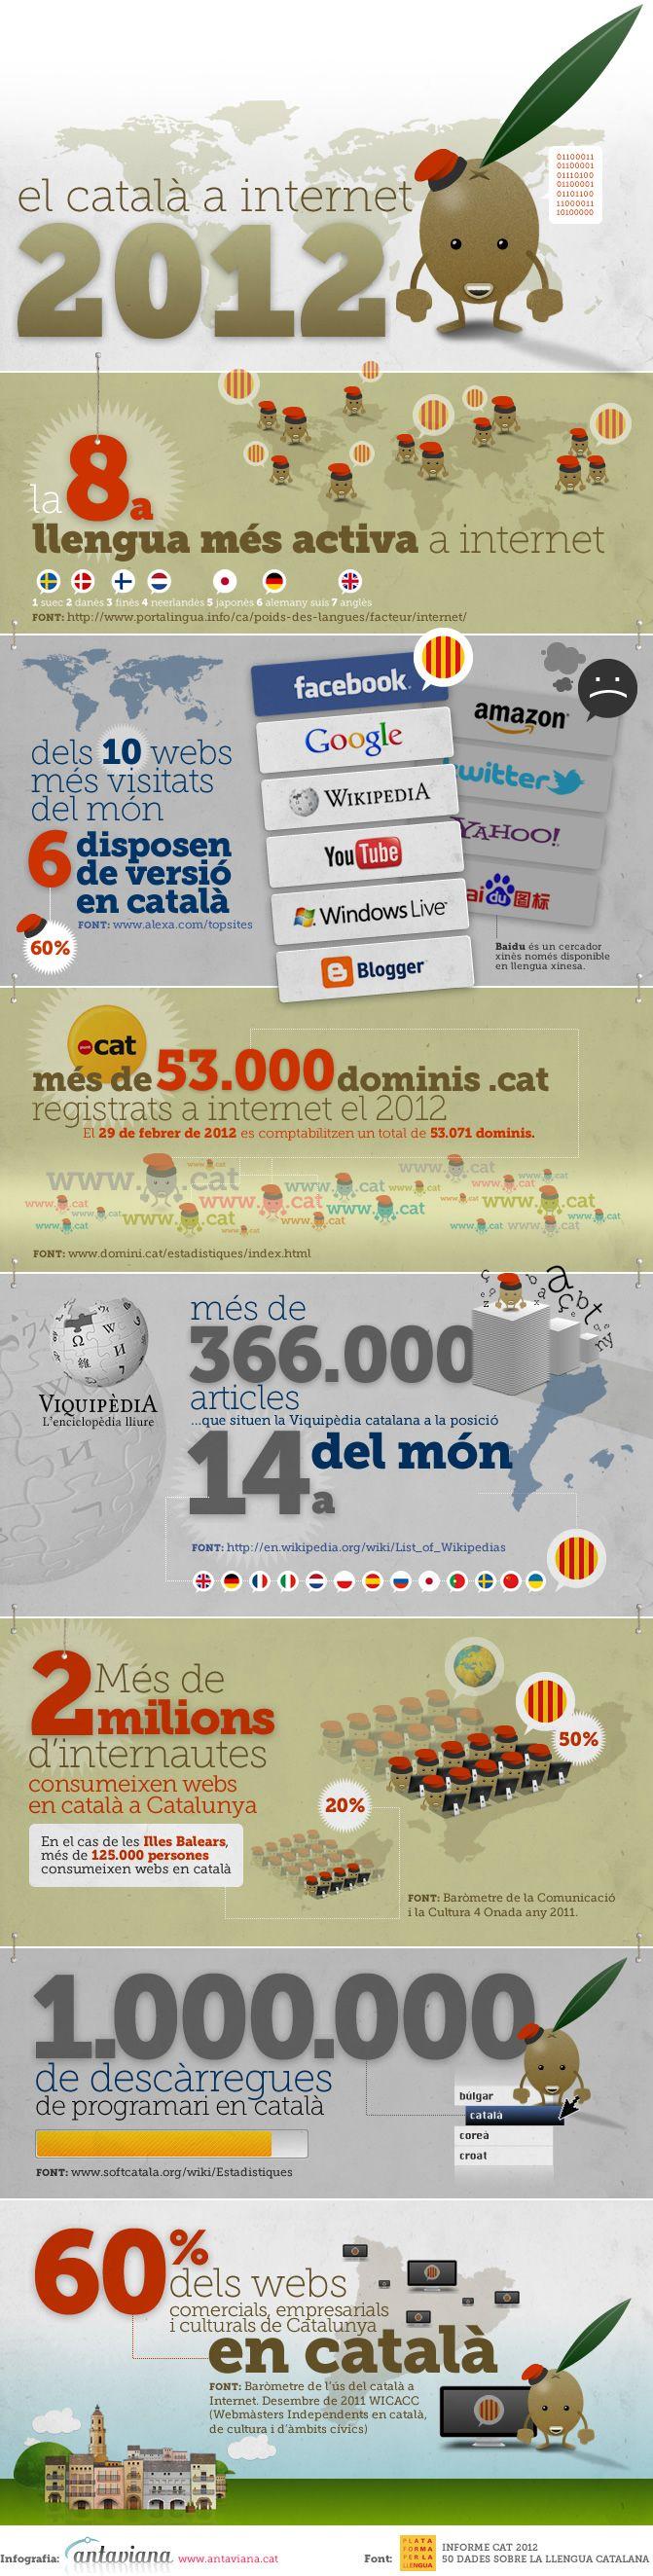 El català a internet